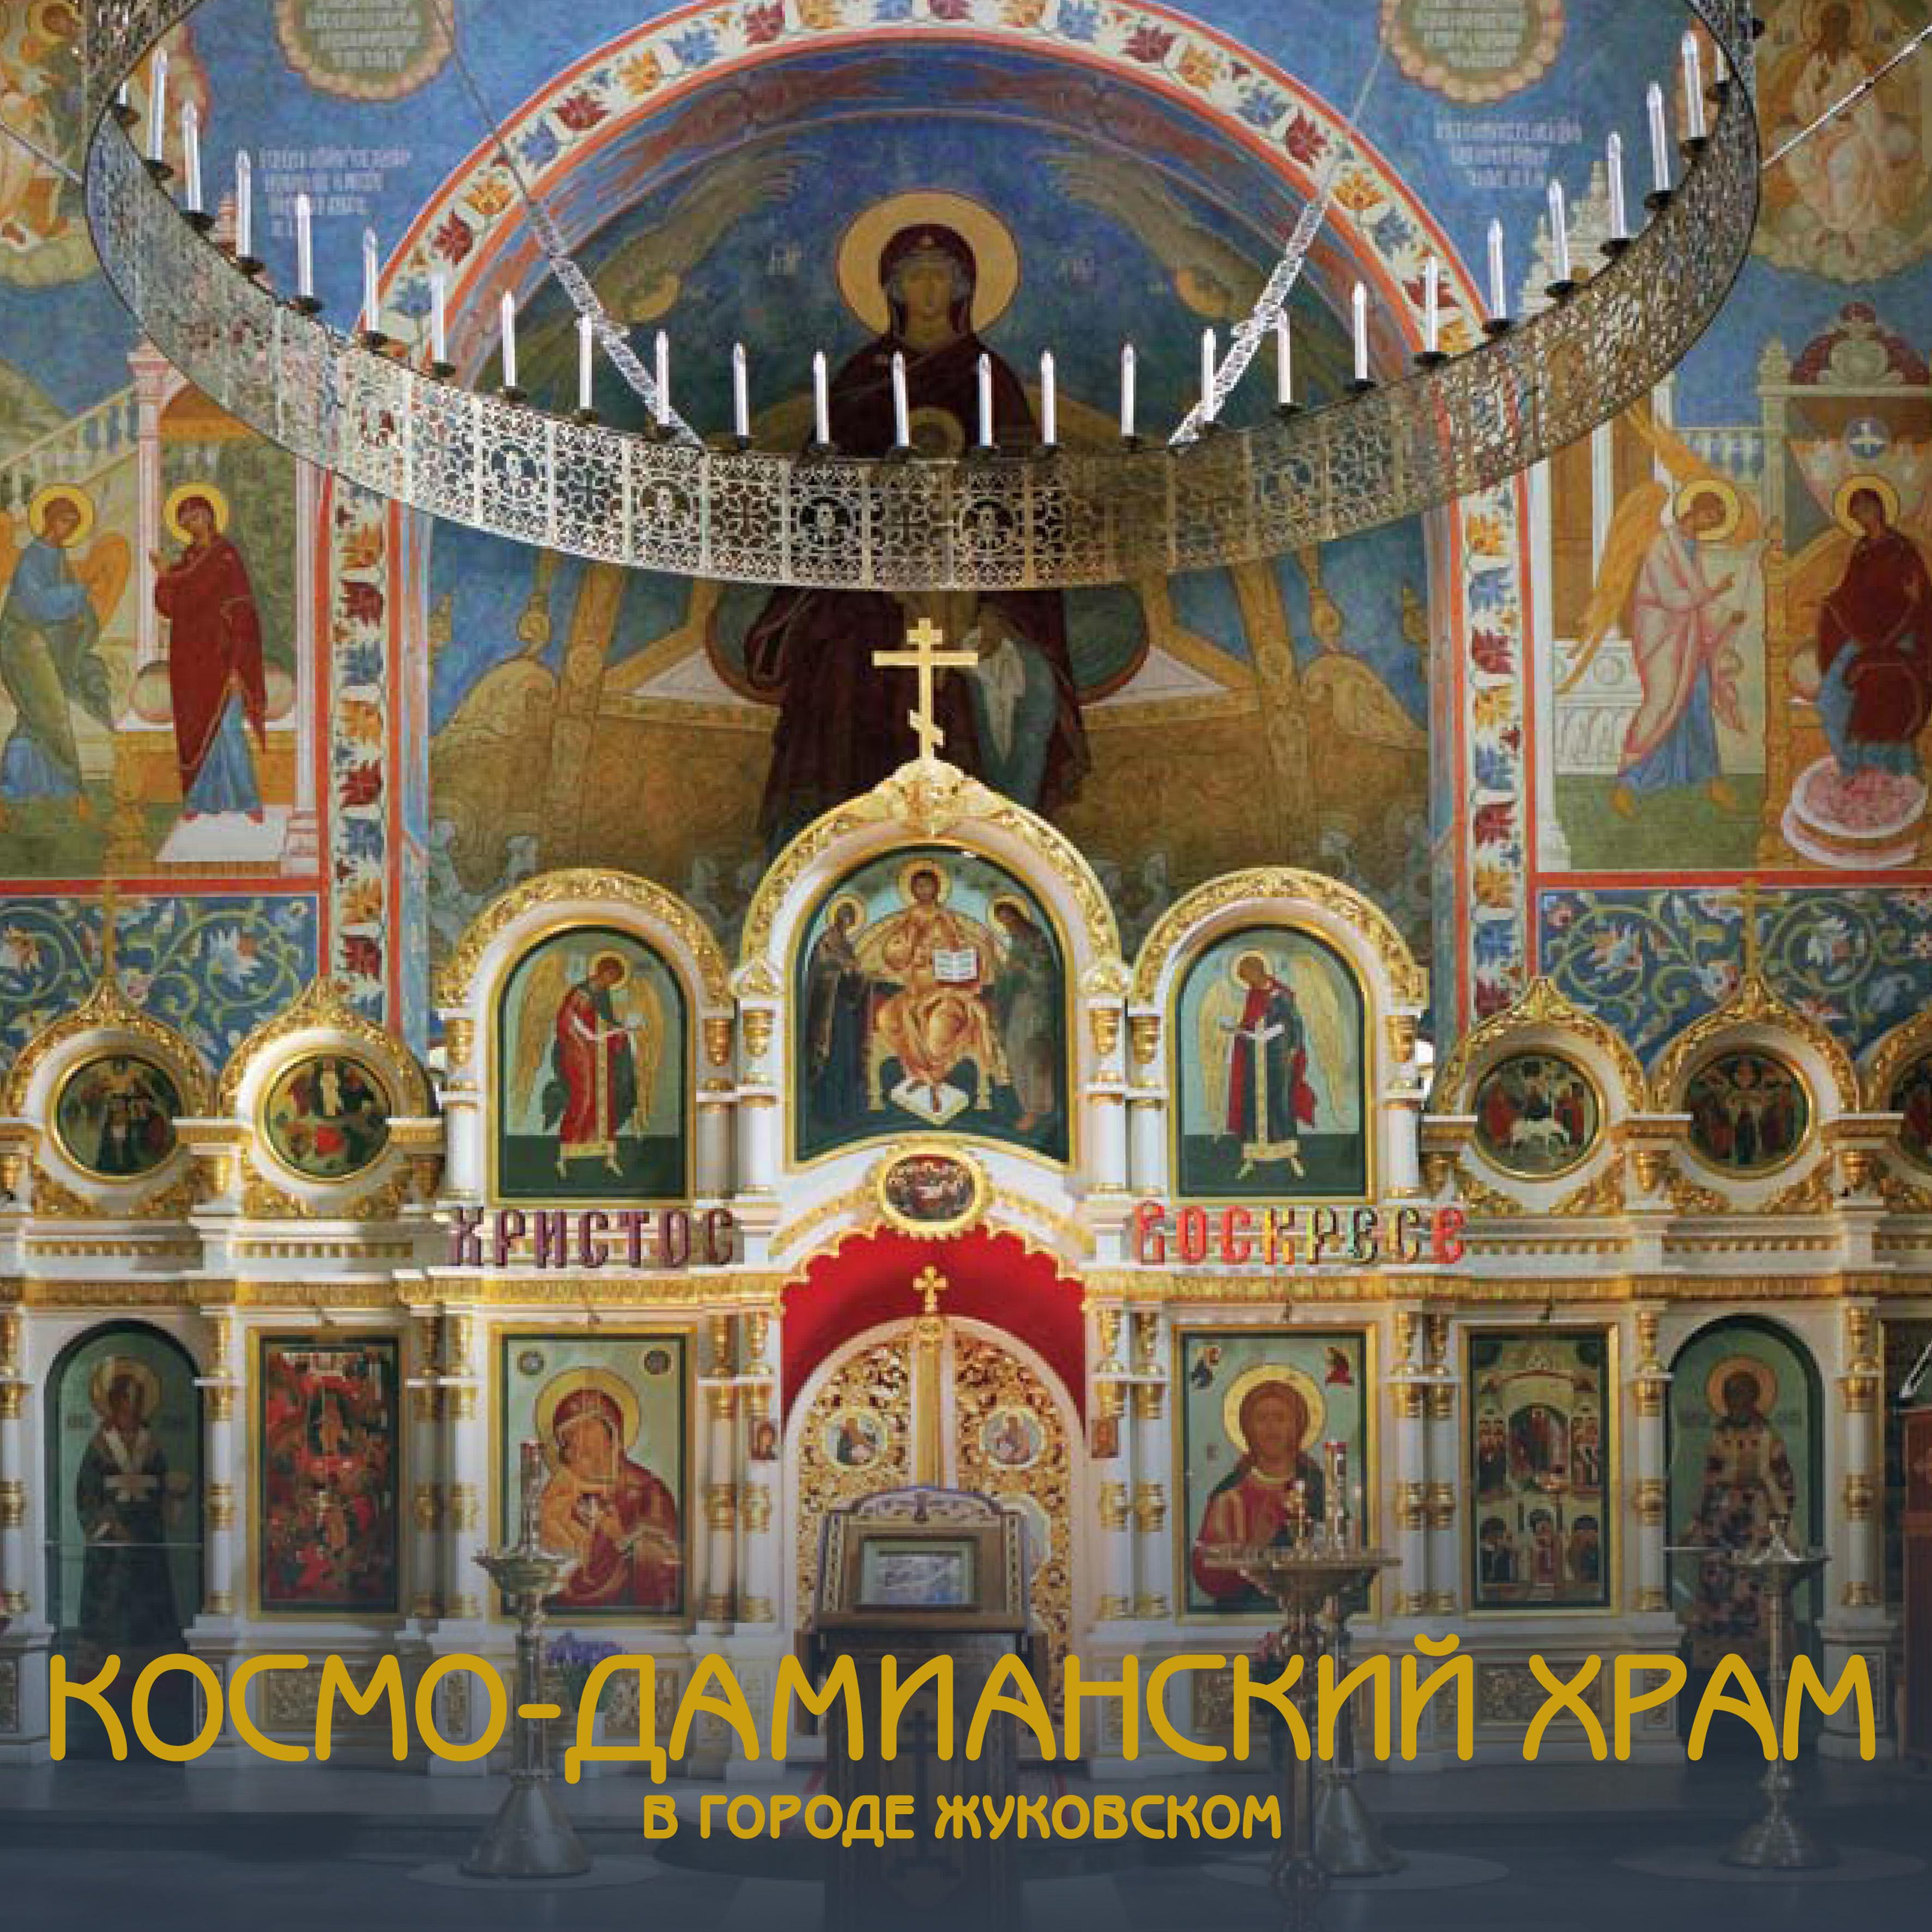 Космо-Дамианский храм c приделом Покрова Пресвятой Богородицы в городе Жуковском